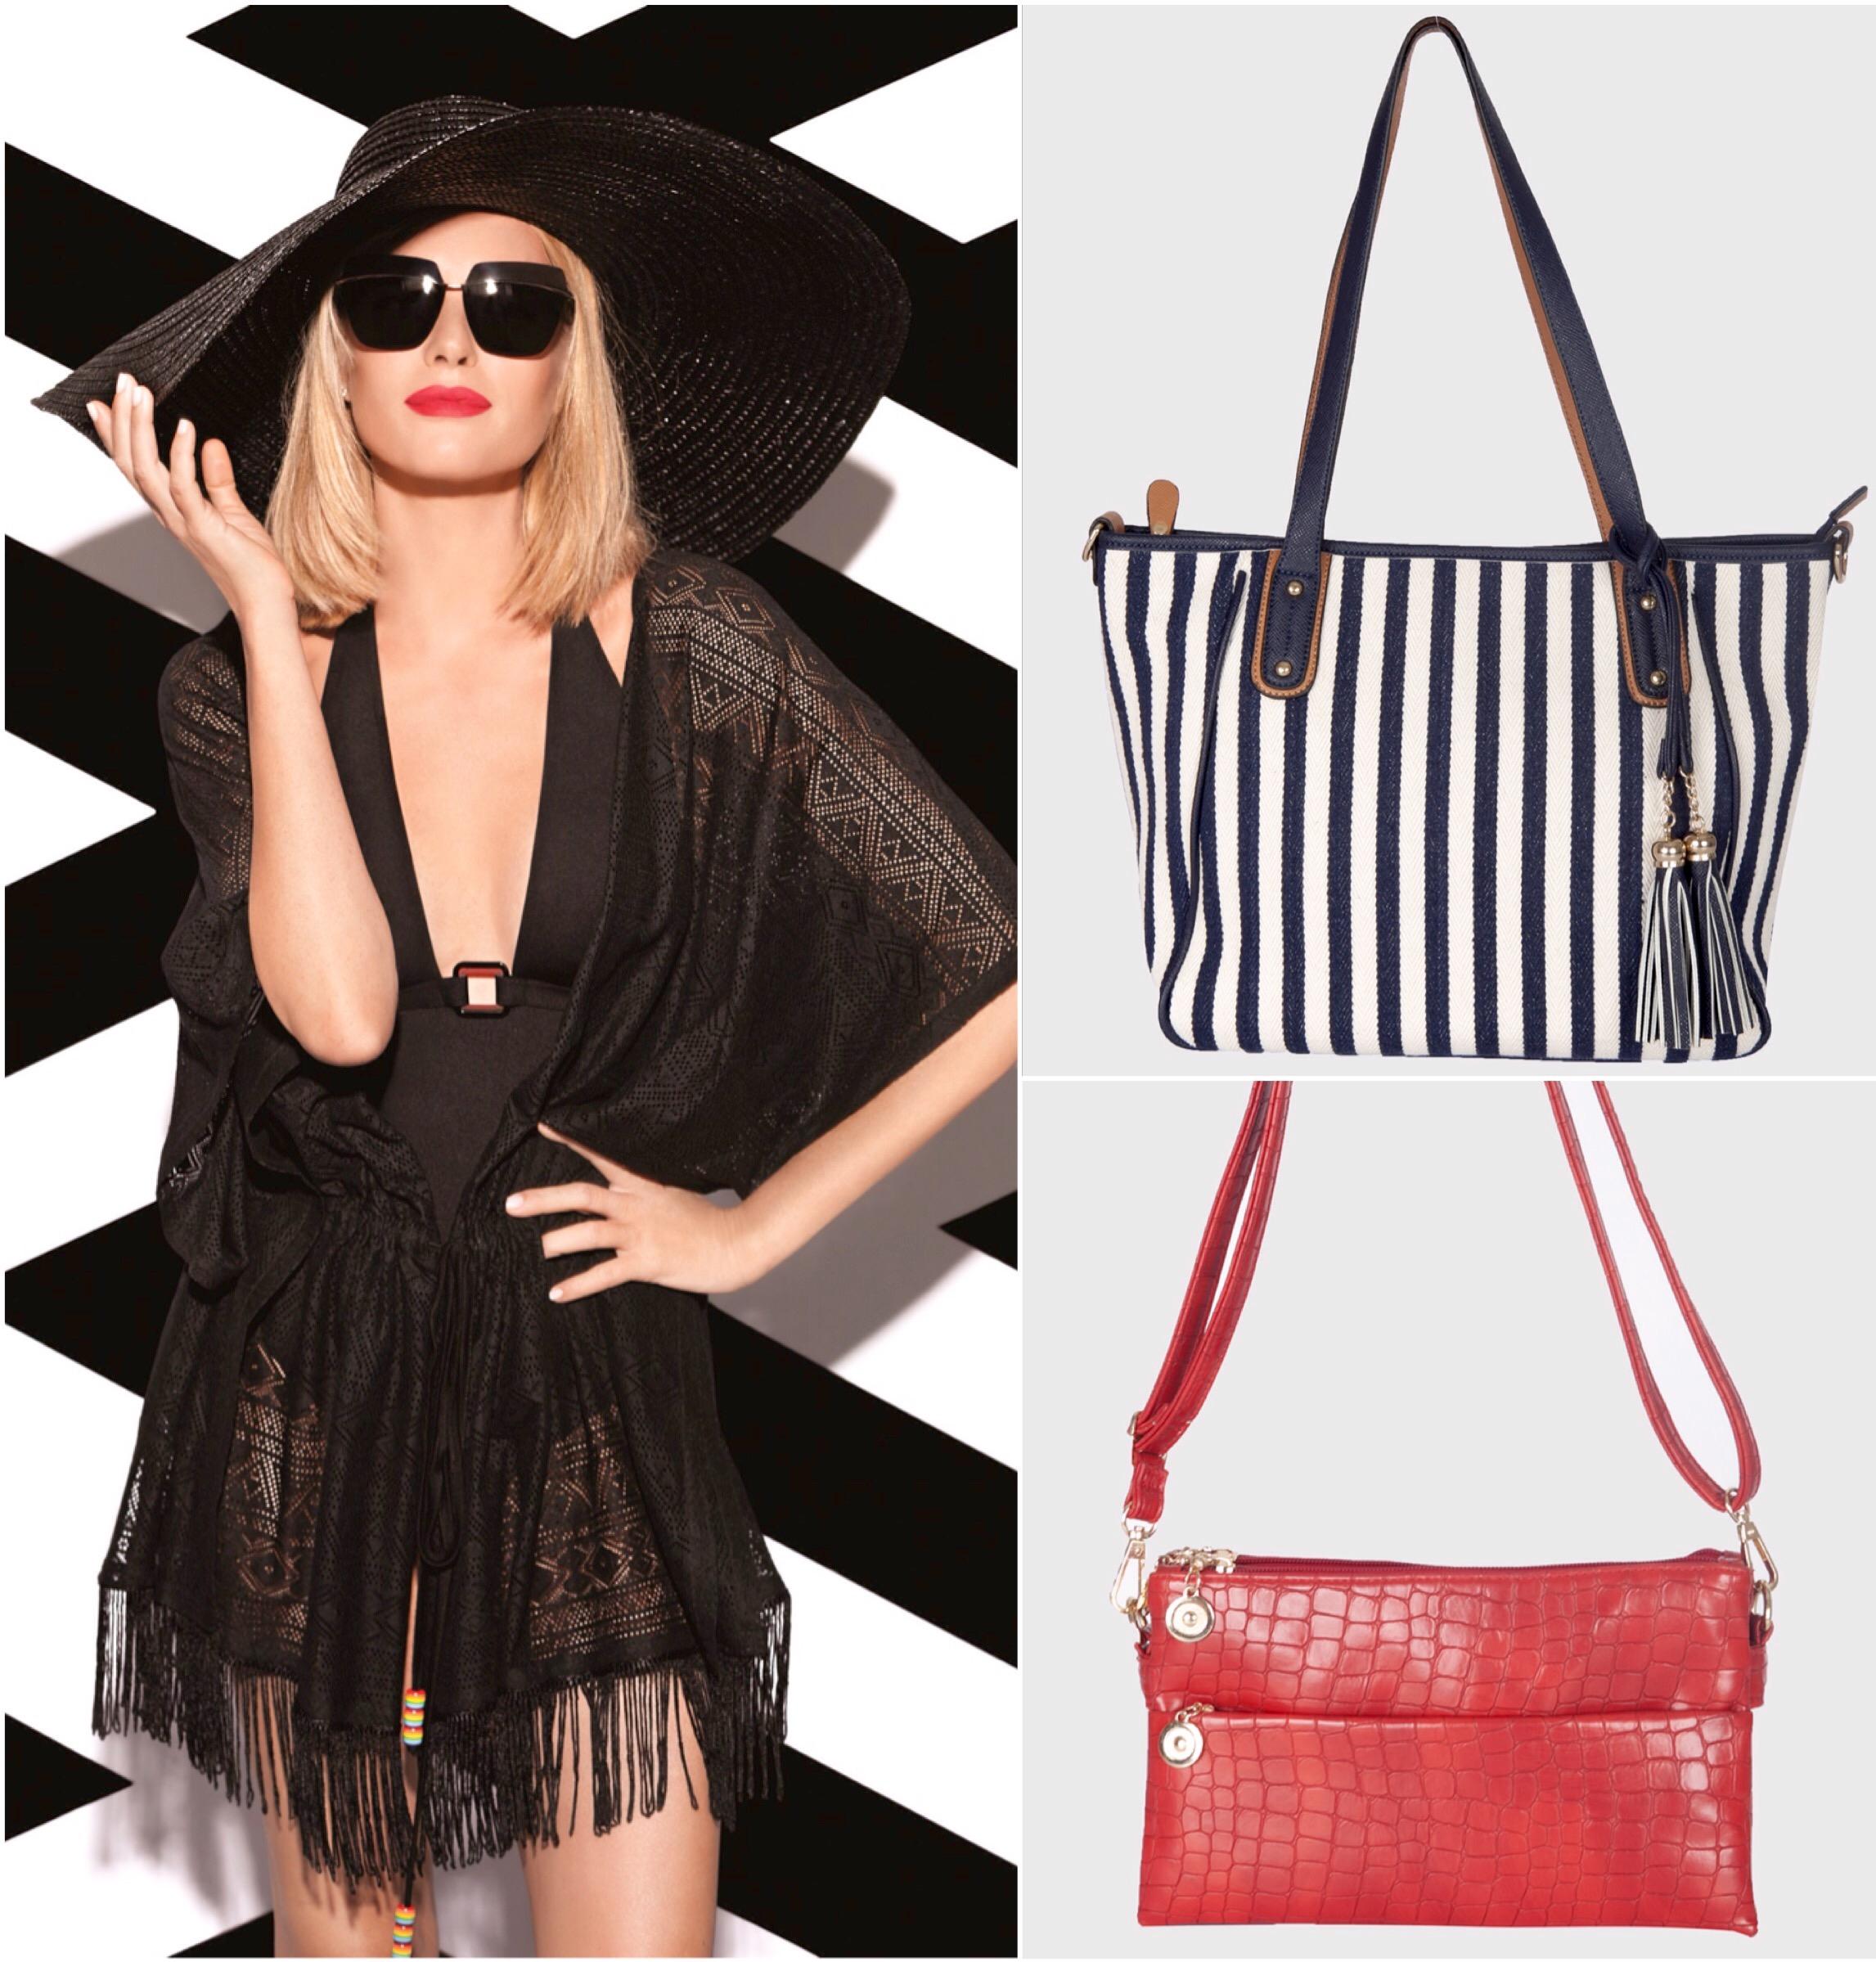 Елена Гладовски: «Я нахожу в Crazy Line шедевральные сумки»